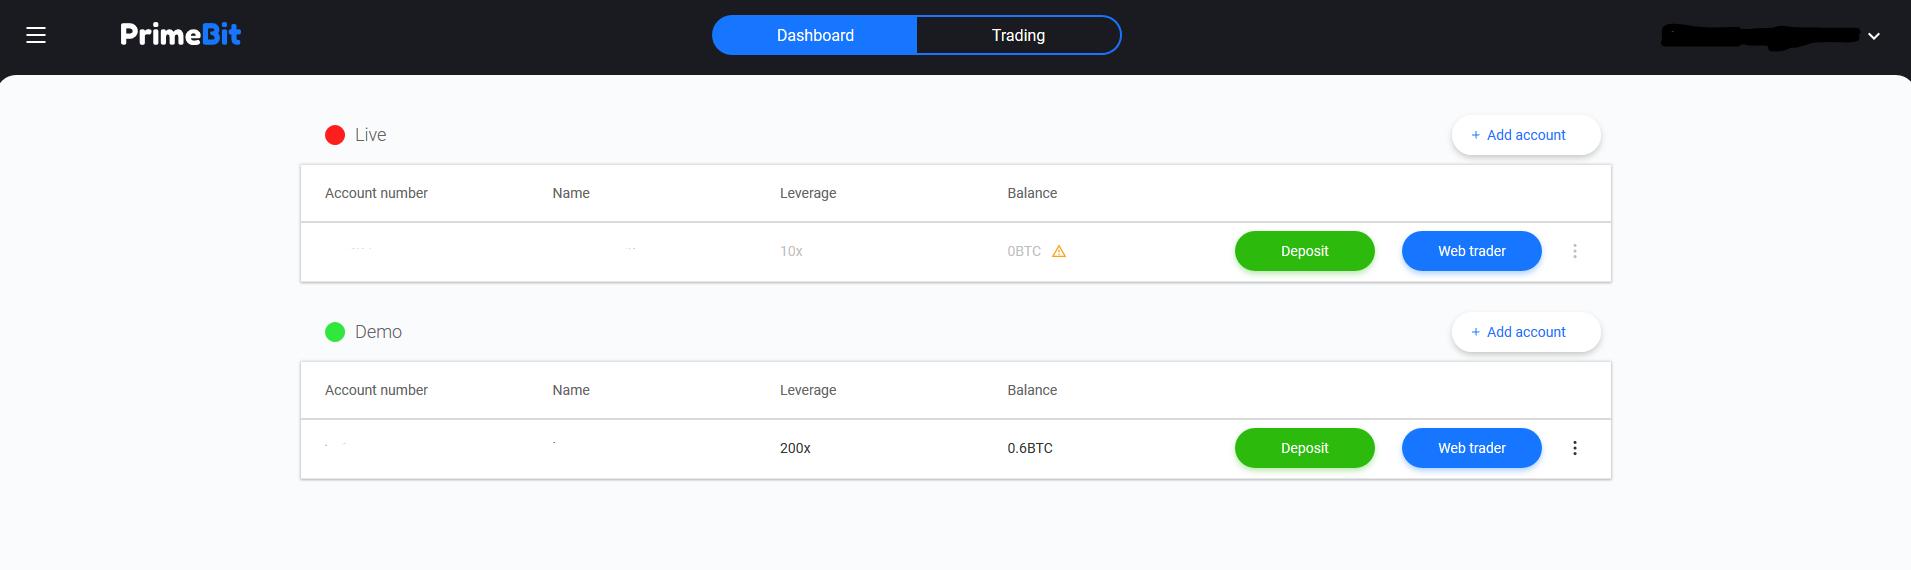 Разновидности контрактов на PrimeBit